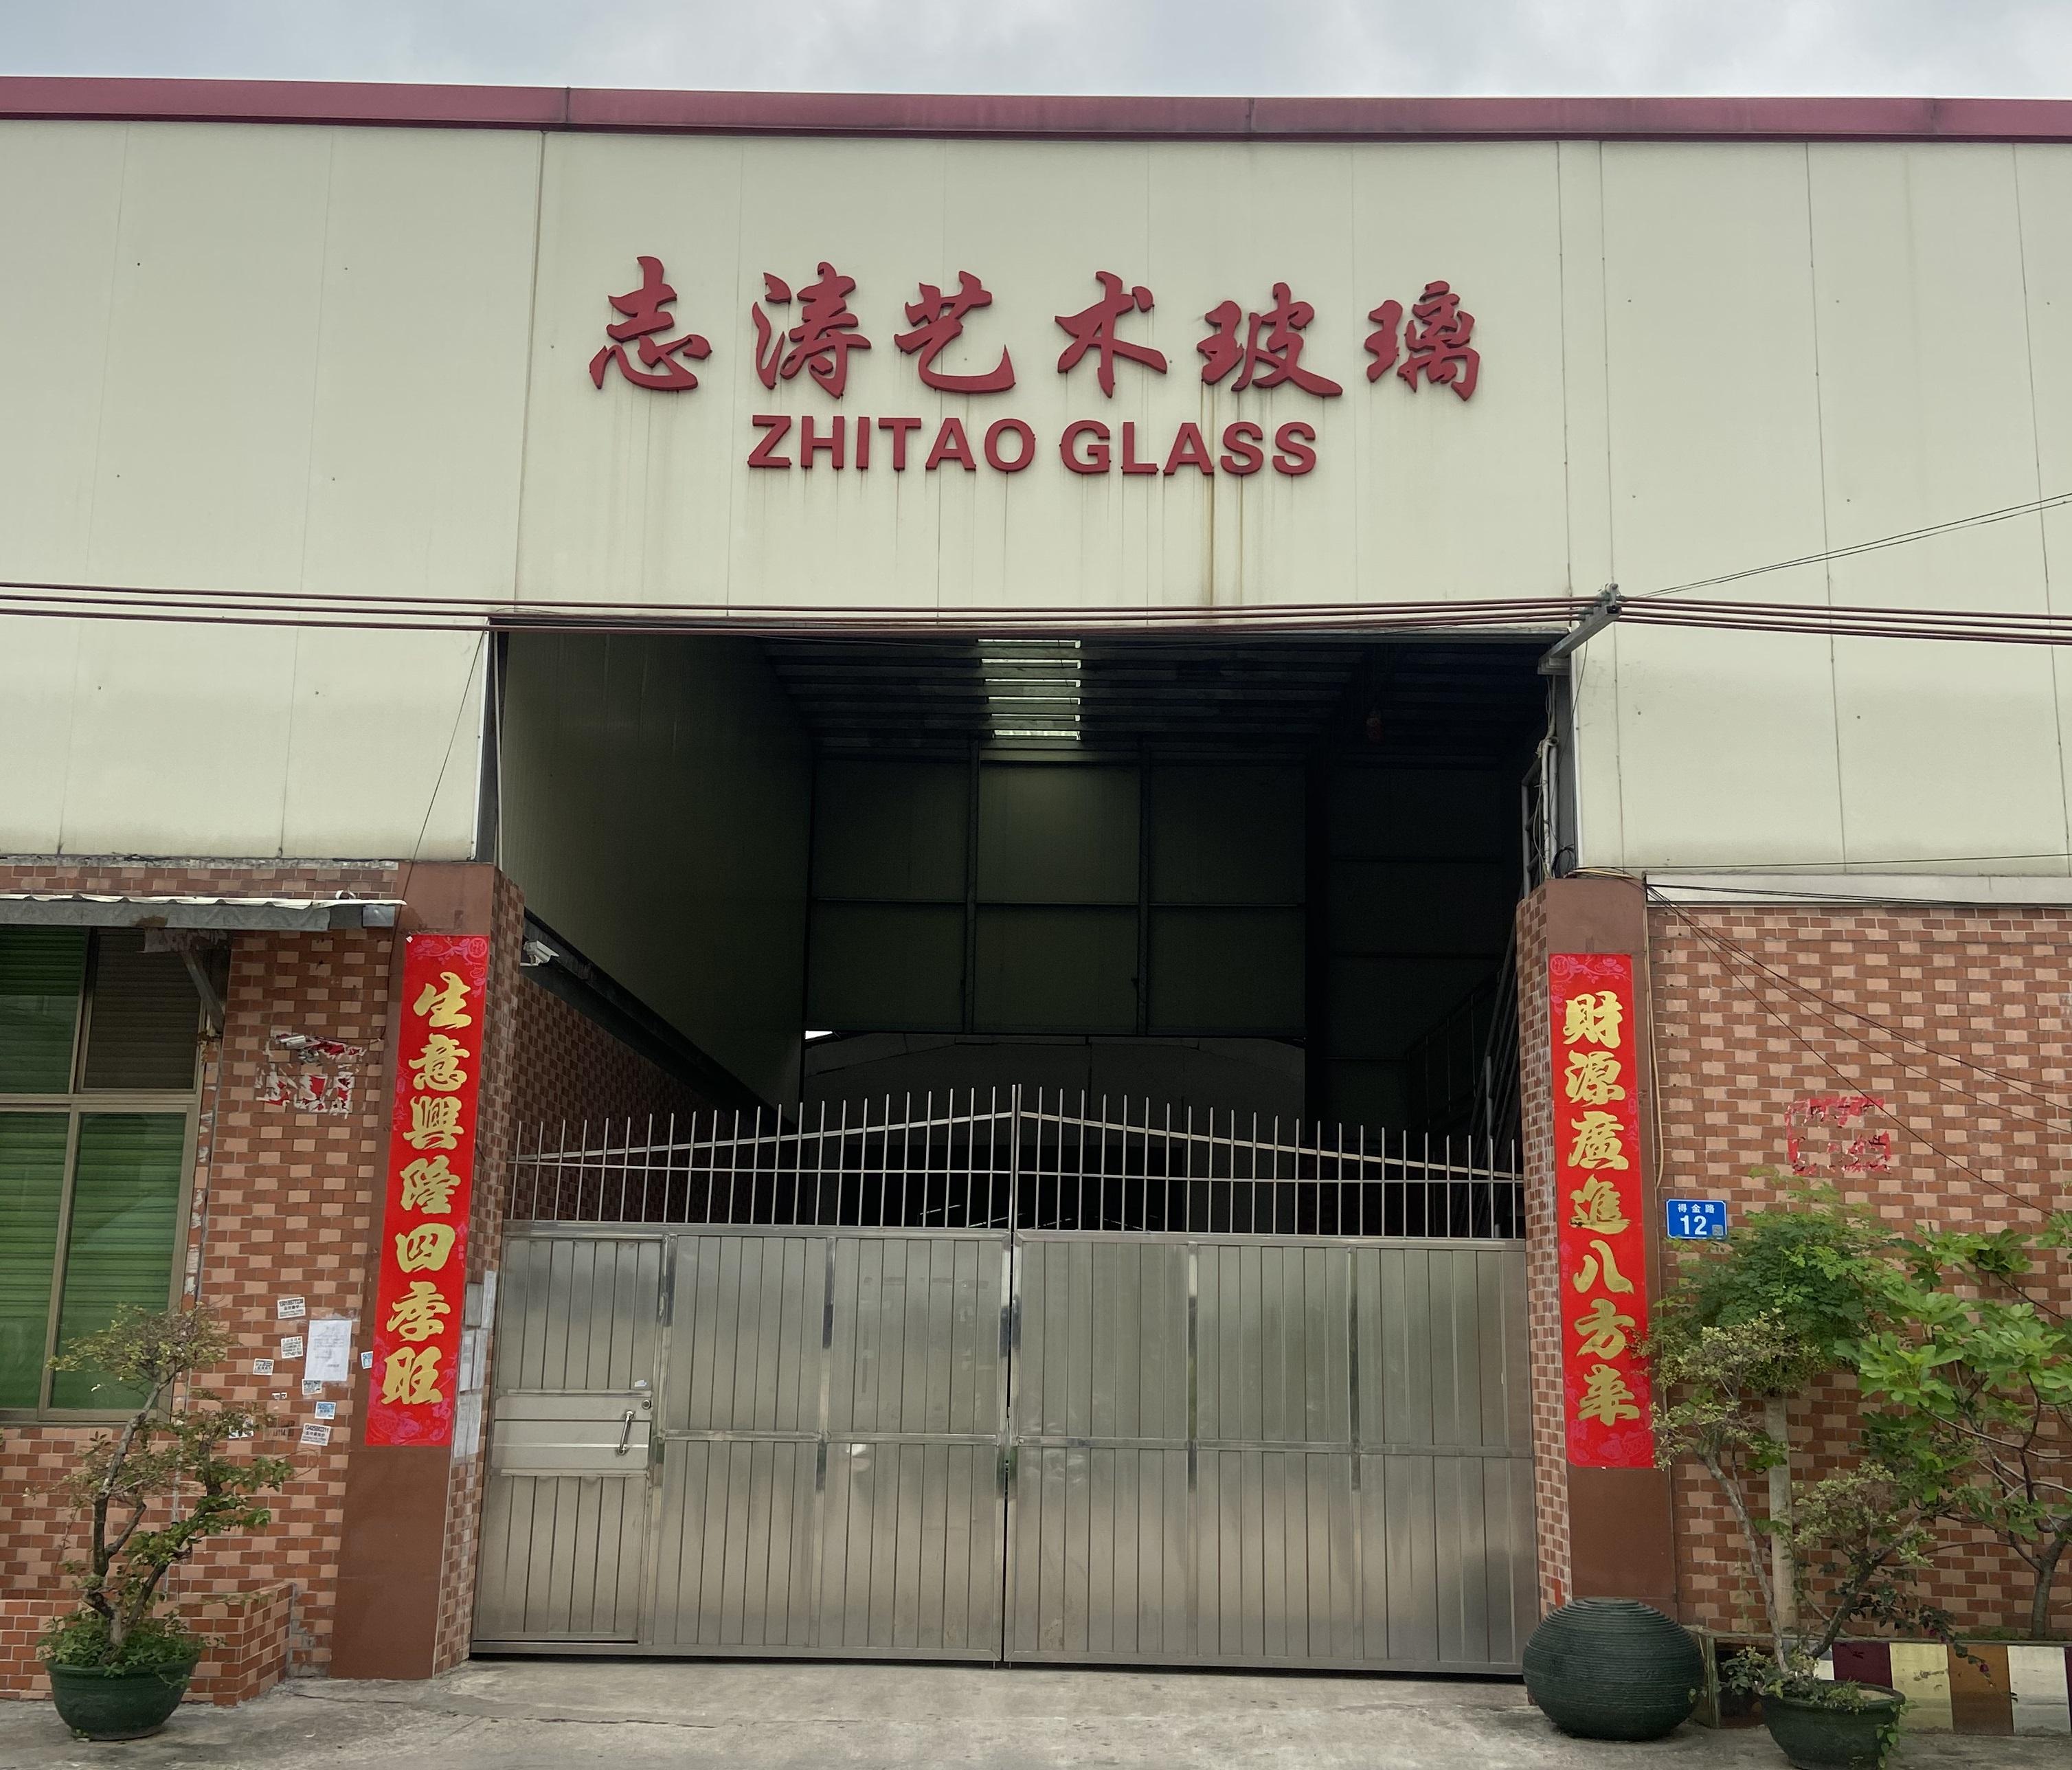 佛山市南海区里水志涛玻璃工艺厂